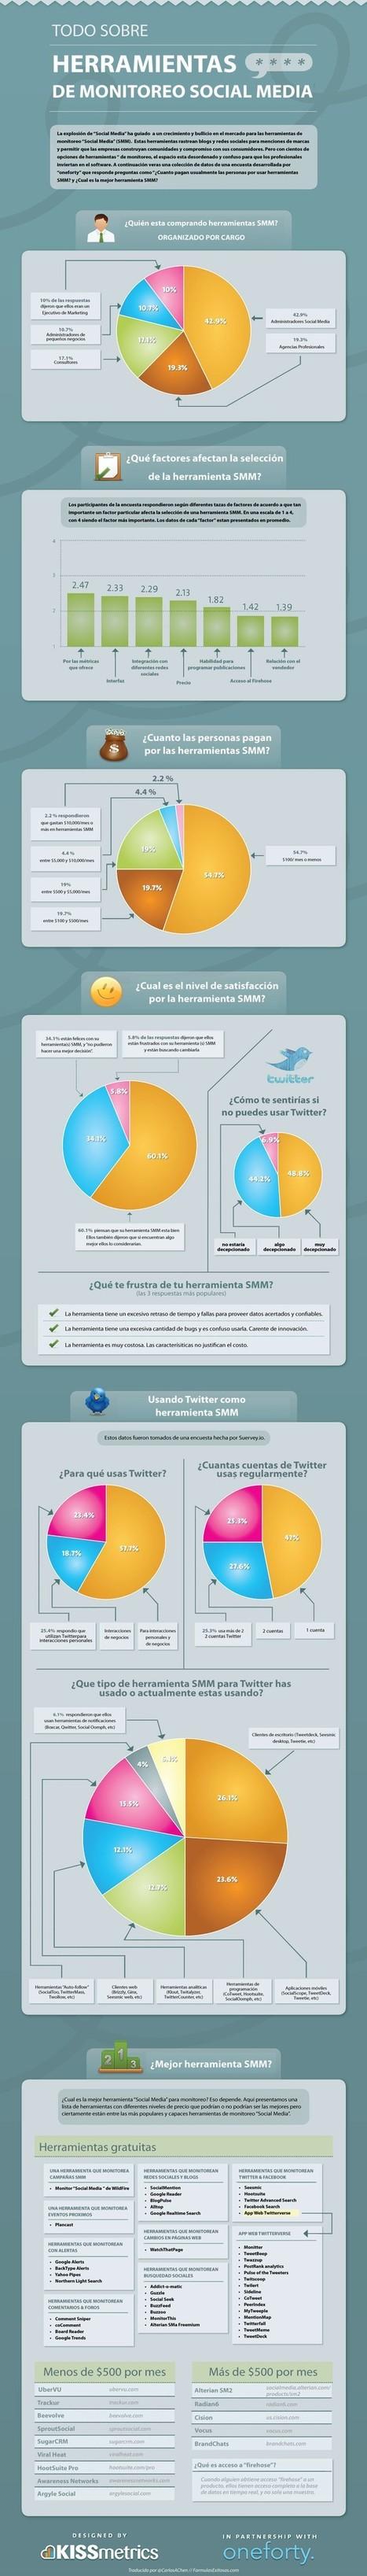 Las mejores herramientas de medición Social Media | Digital and online advertising | Scoop.it